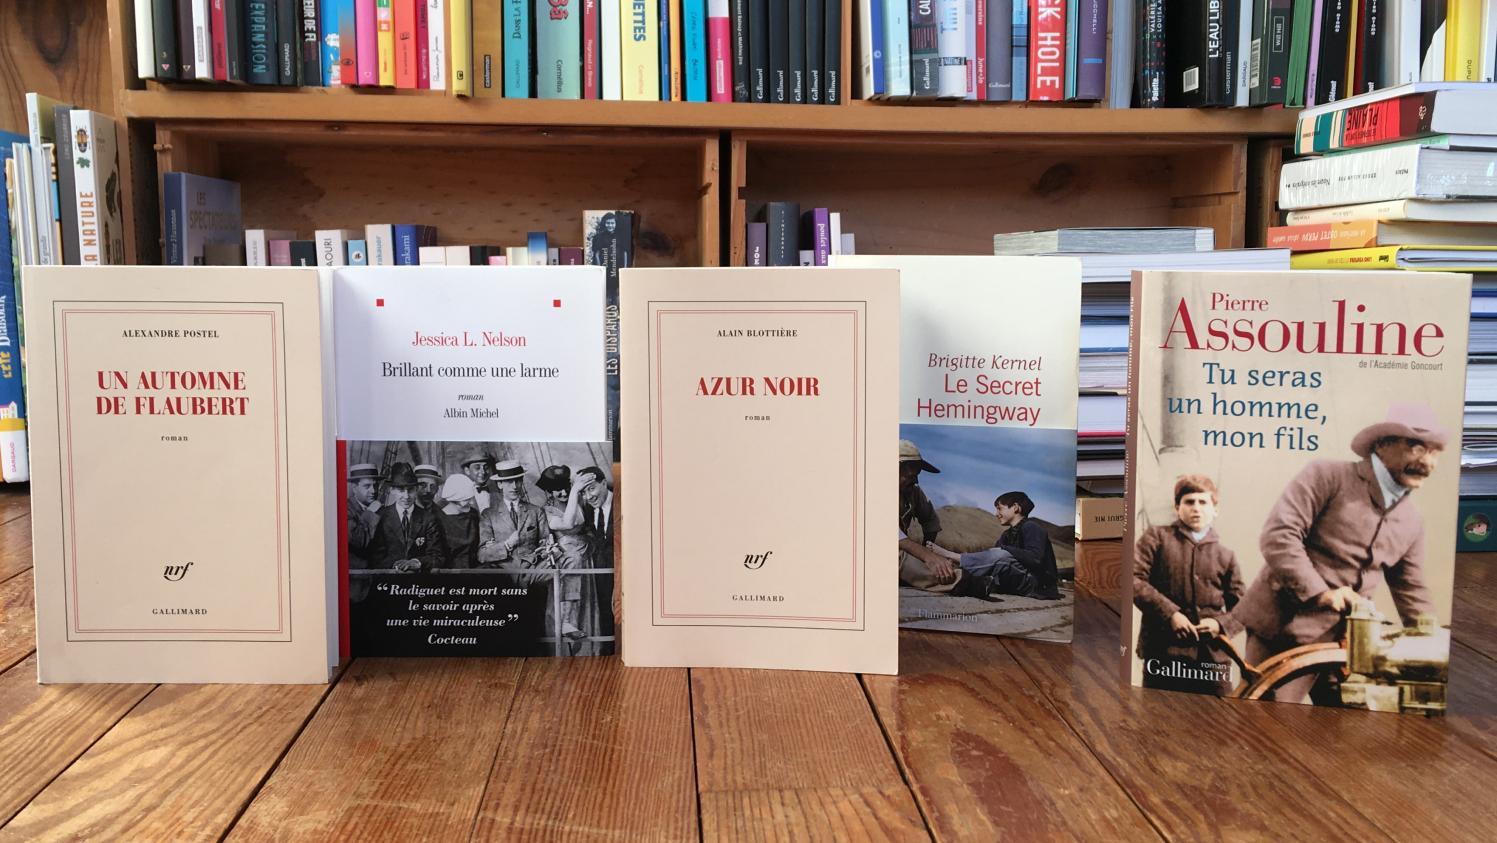 Flaubert, Rimbaud, Verlaine, Kipling, Hemingway, Radiguet : cinq romans pour se plonger avec délice dans la vie d'écrivains célèbres